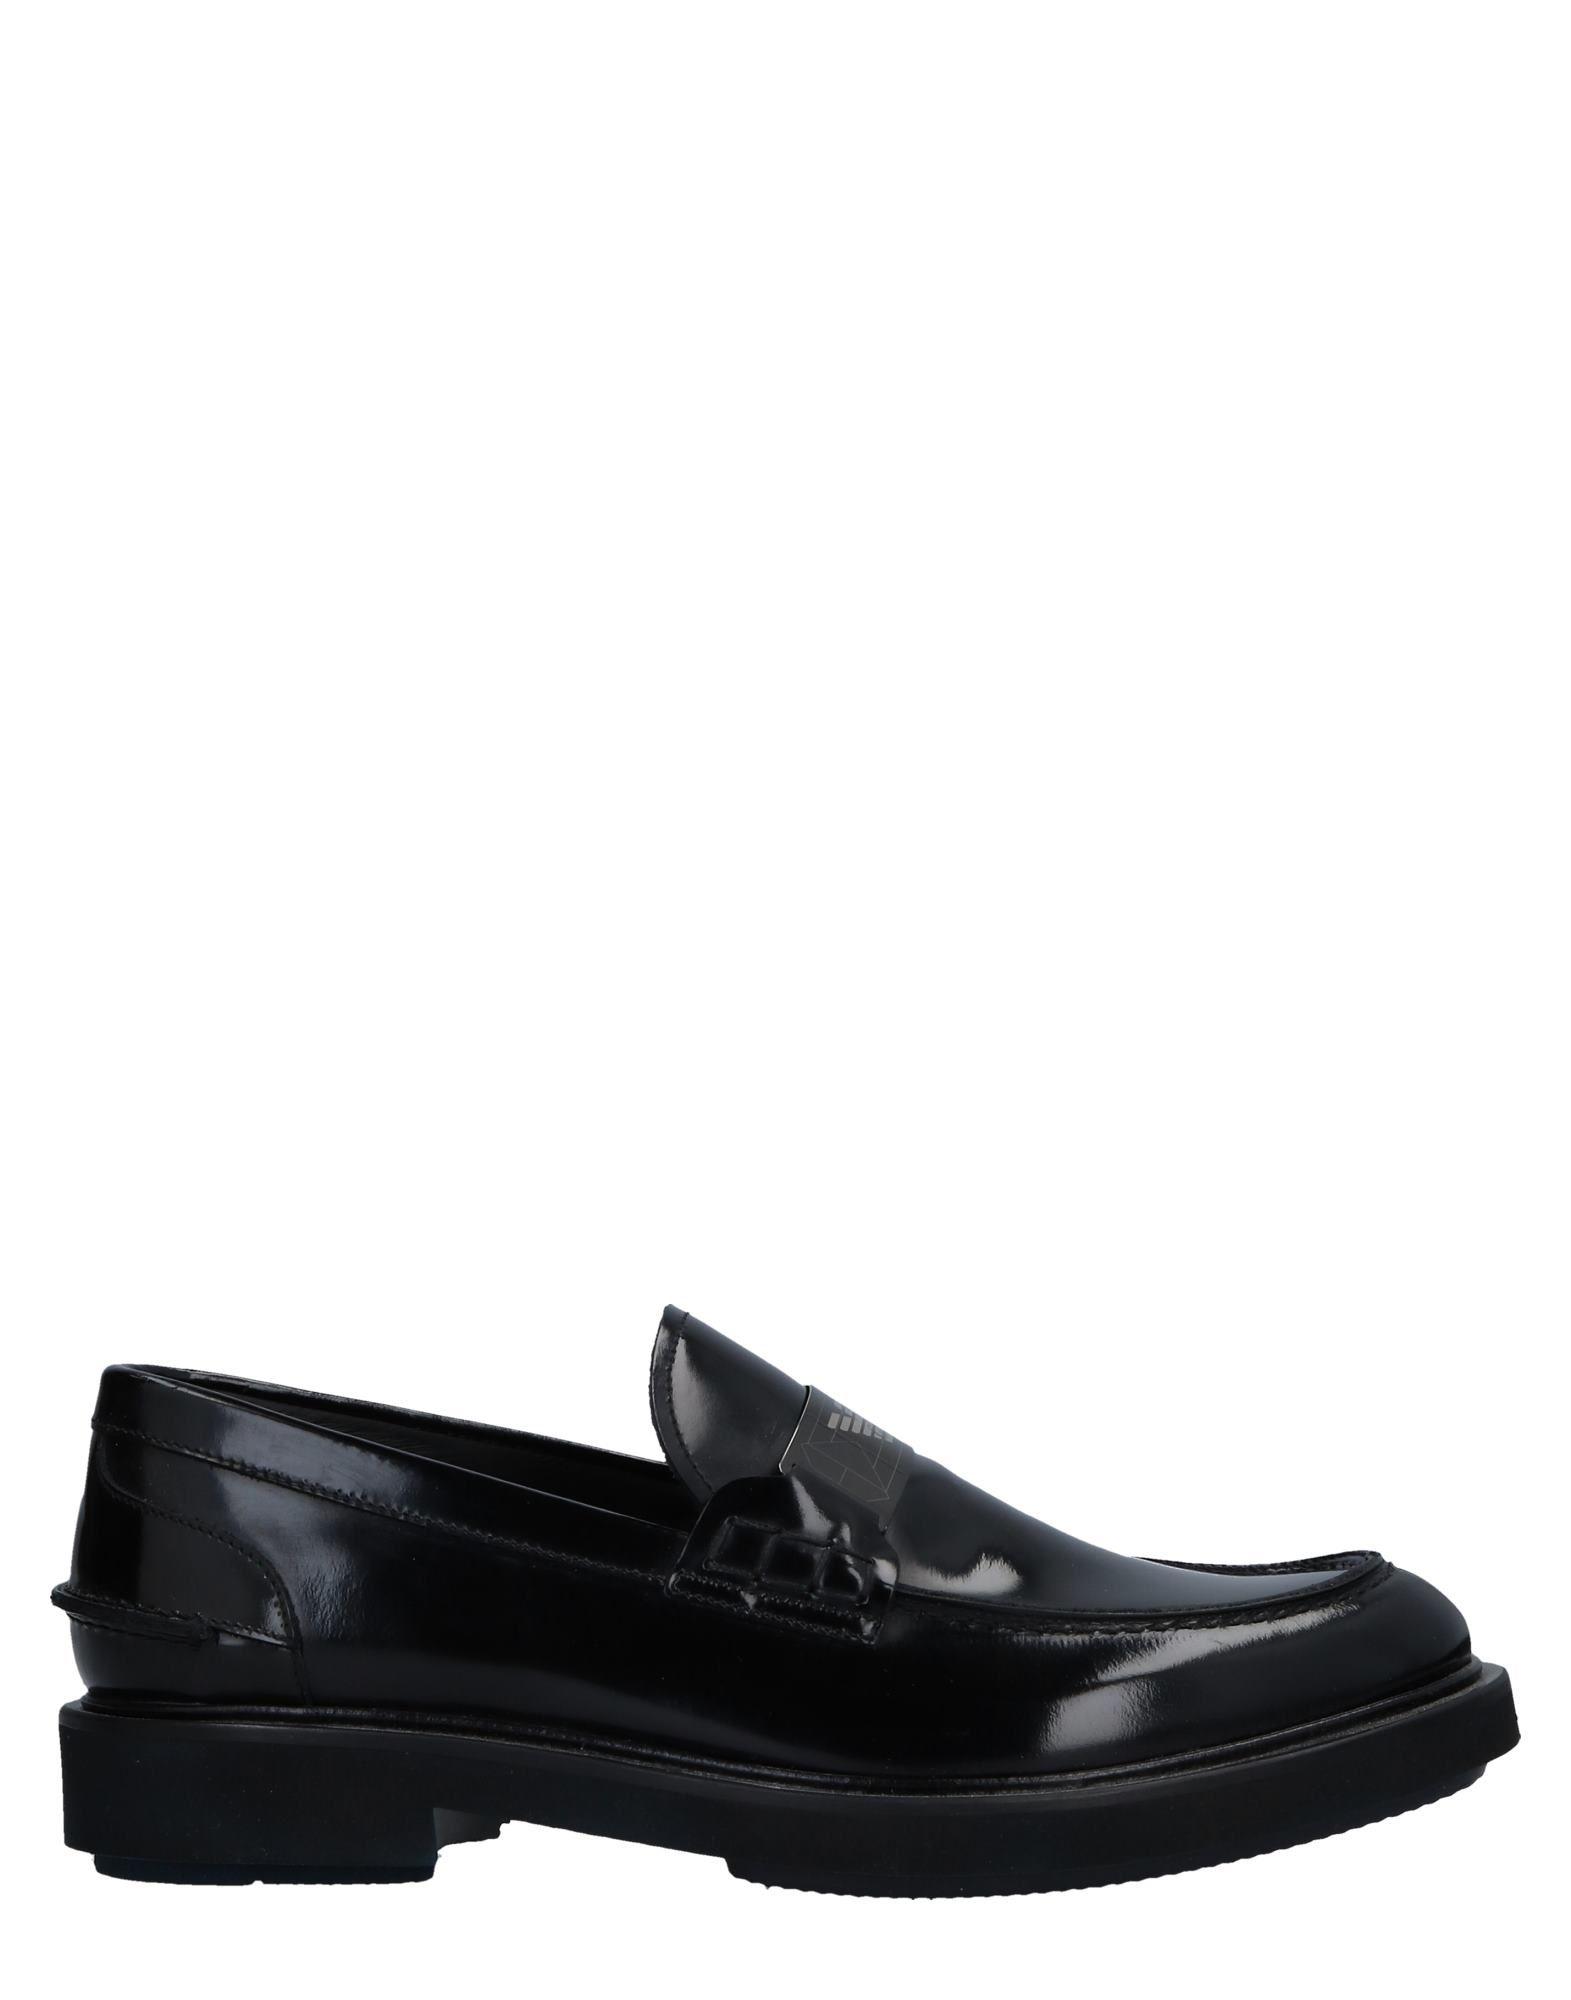 Zapatos - casuales salvajes  Mocasín Emporio Armani Hombre - Zapatos Mocasines Emporio Armani ef549d